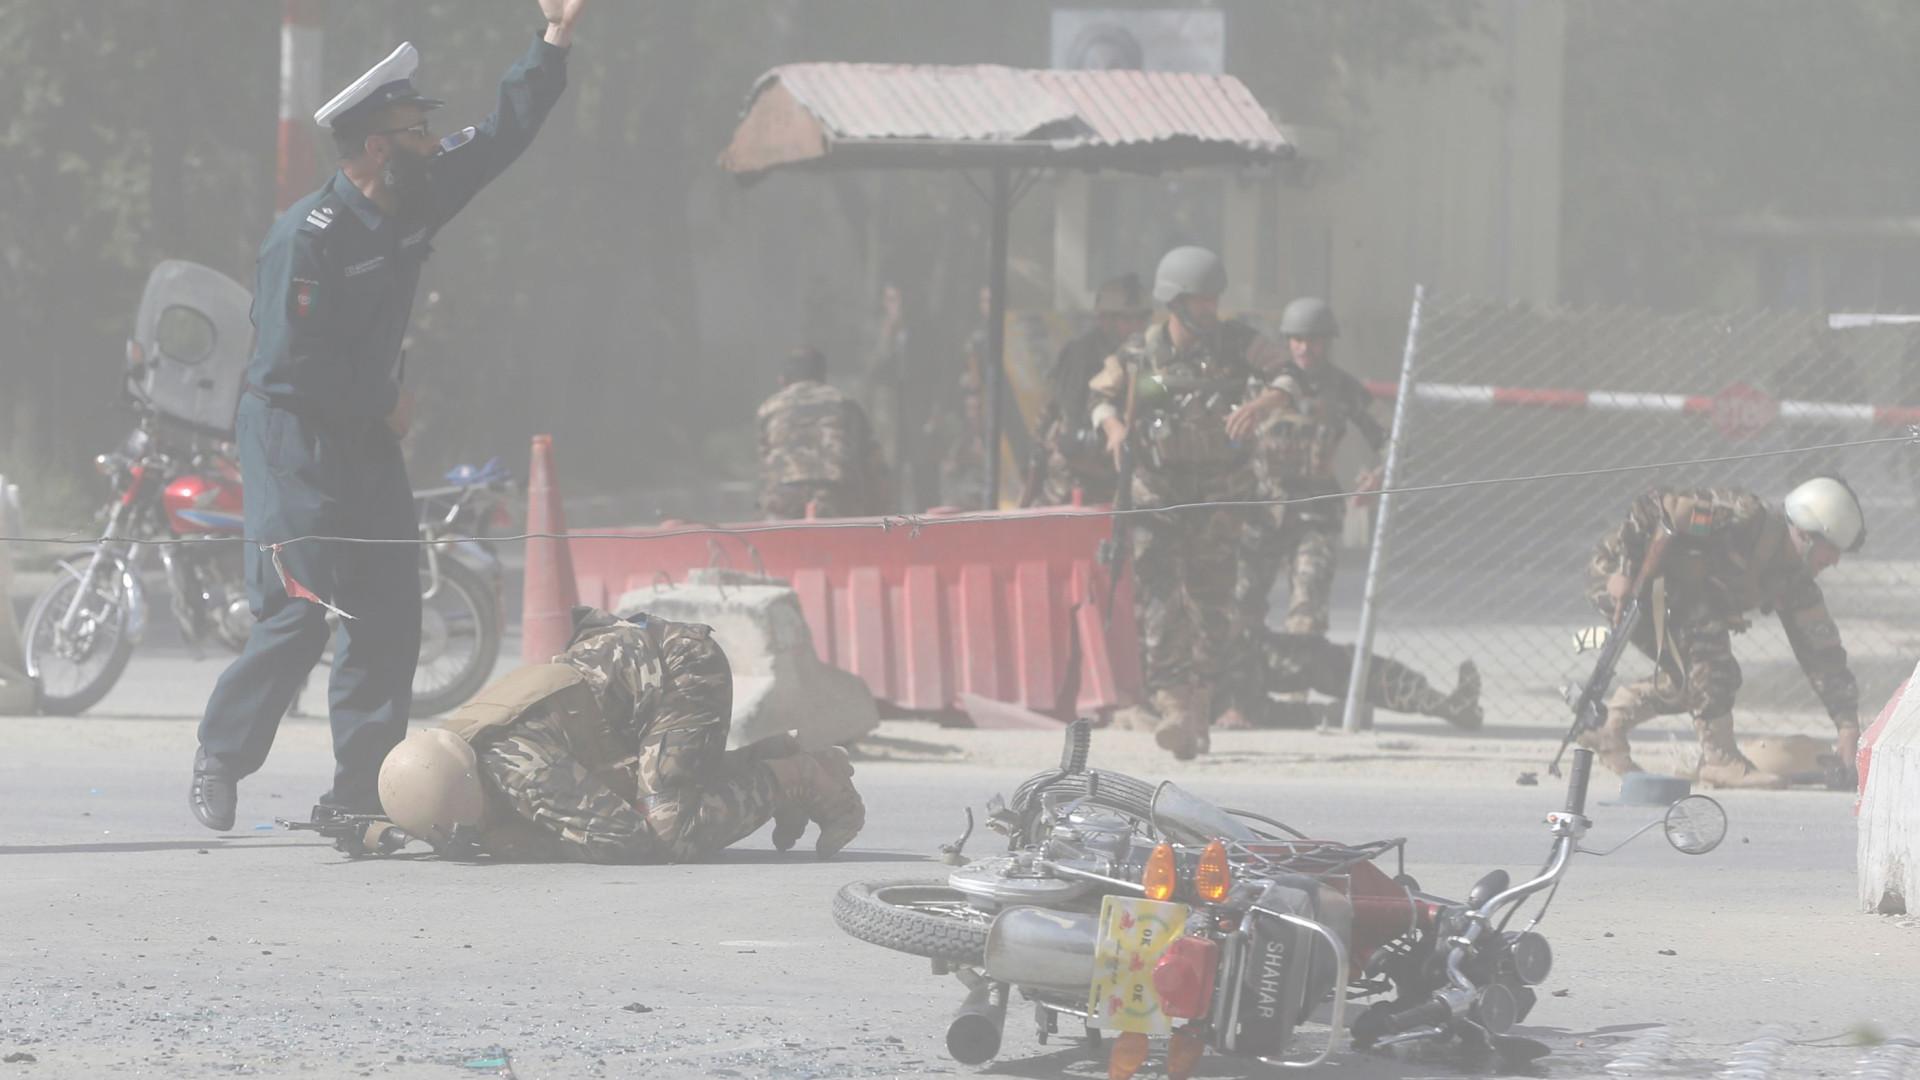 Pelo menos 25 mortos em dupla explosão no Afeganistão 08:08